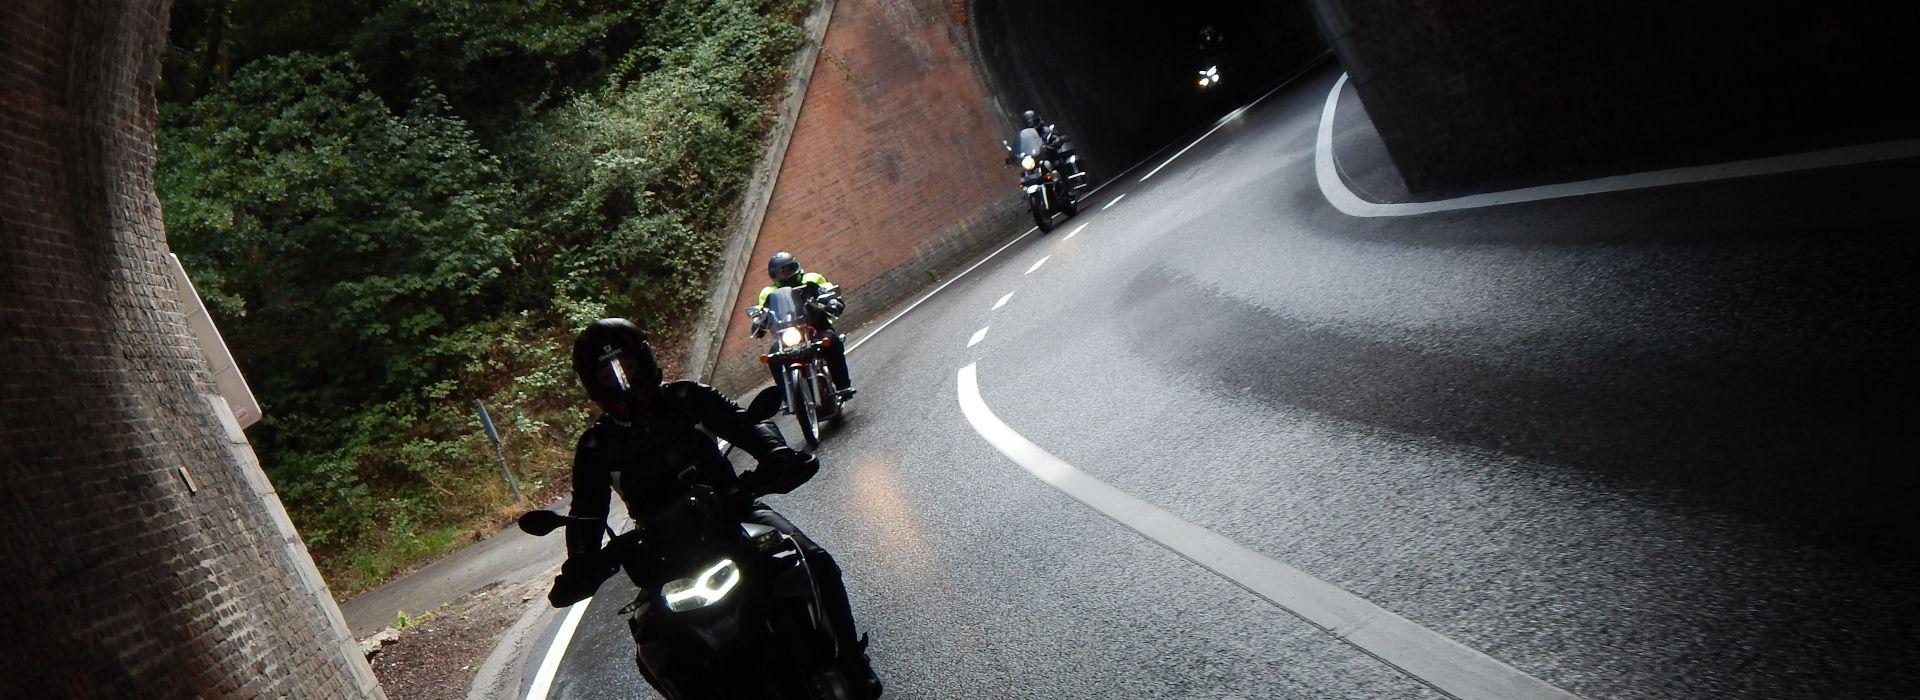 Motorrijbewijspoint Nootdorp spoed motorrijbewijs